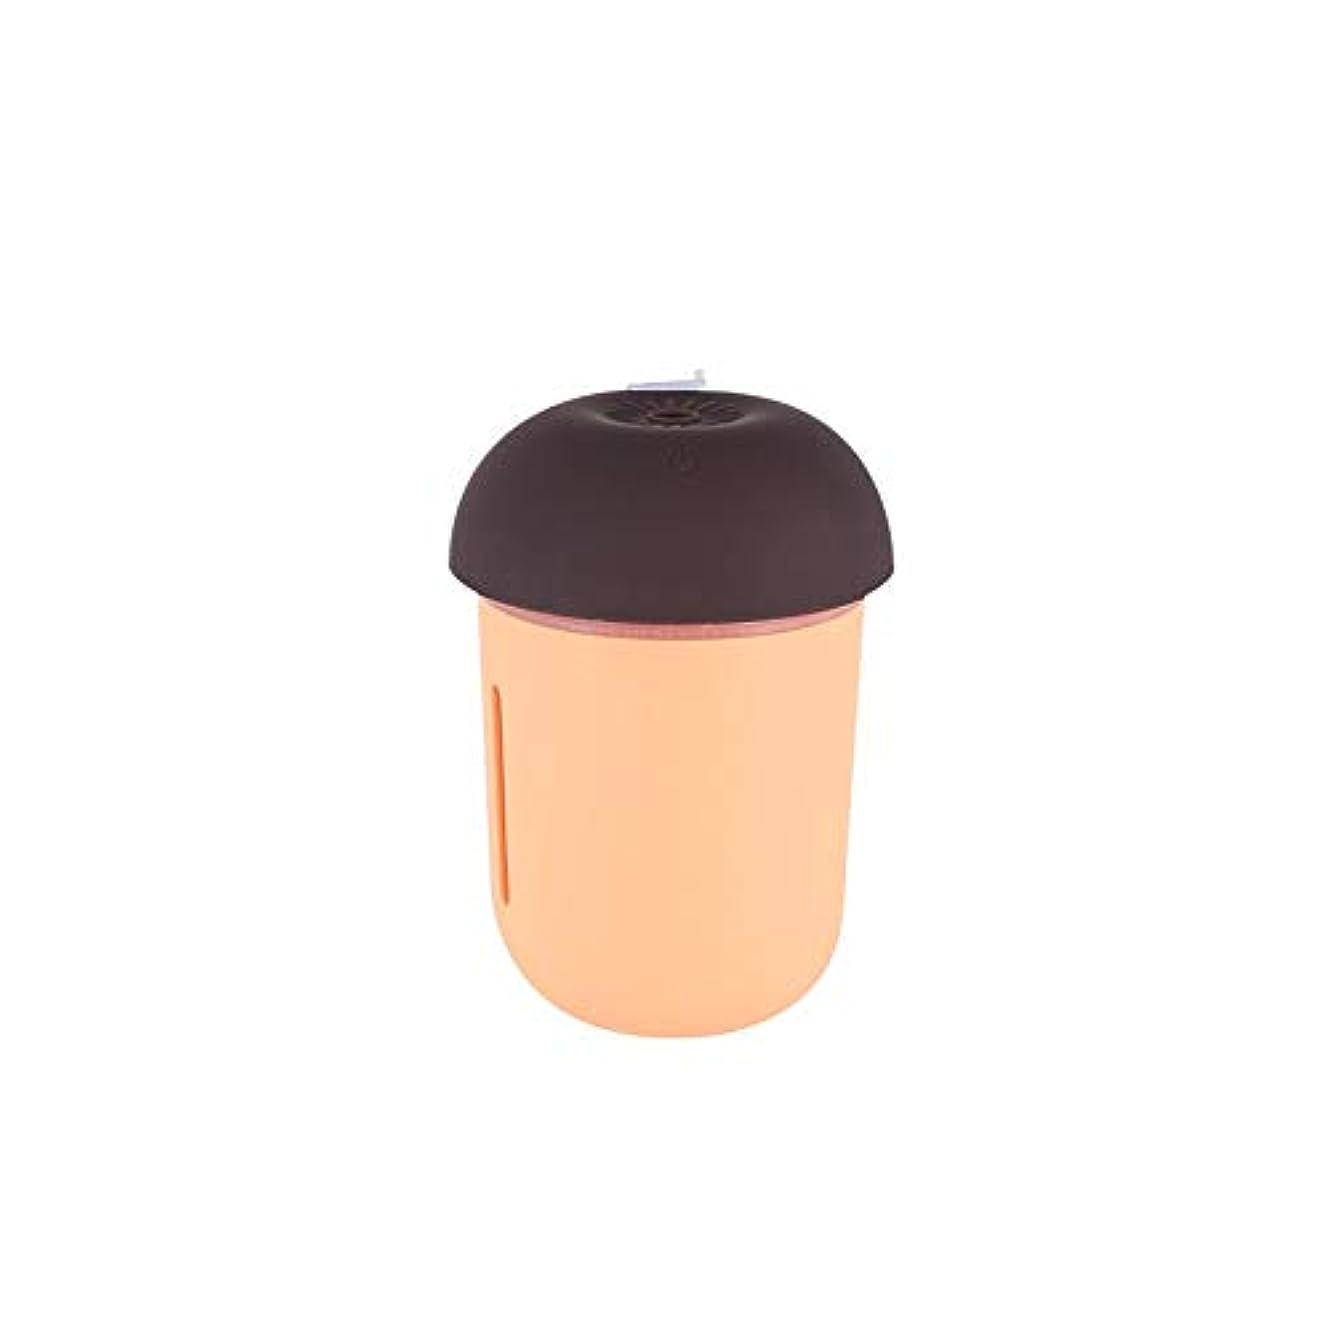 遺産不安蒸し器ZXF 新しいクリエイティブusb充電車の空気清浄機多機能水道メーターファンナイトライトスリーインワンきのこ加湿器オレンジピンク 滑らかである (色 : Orange)